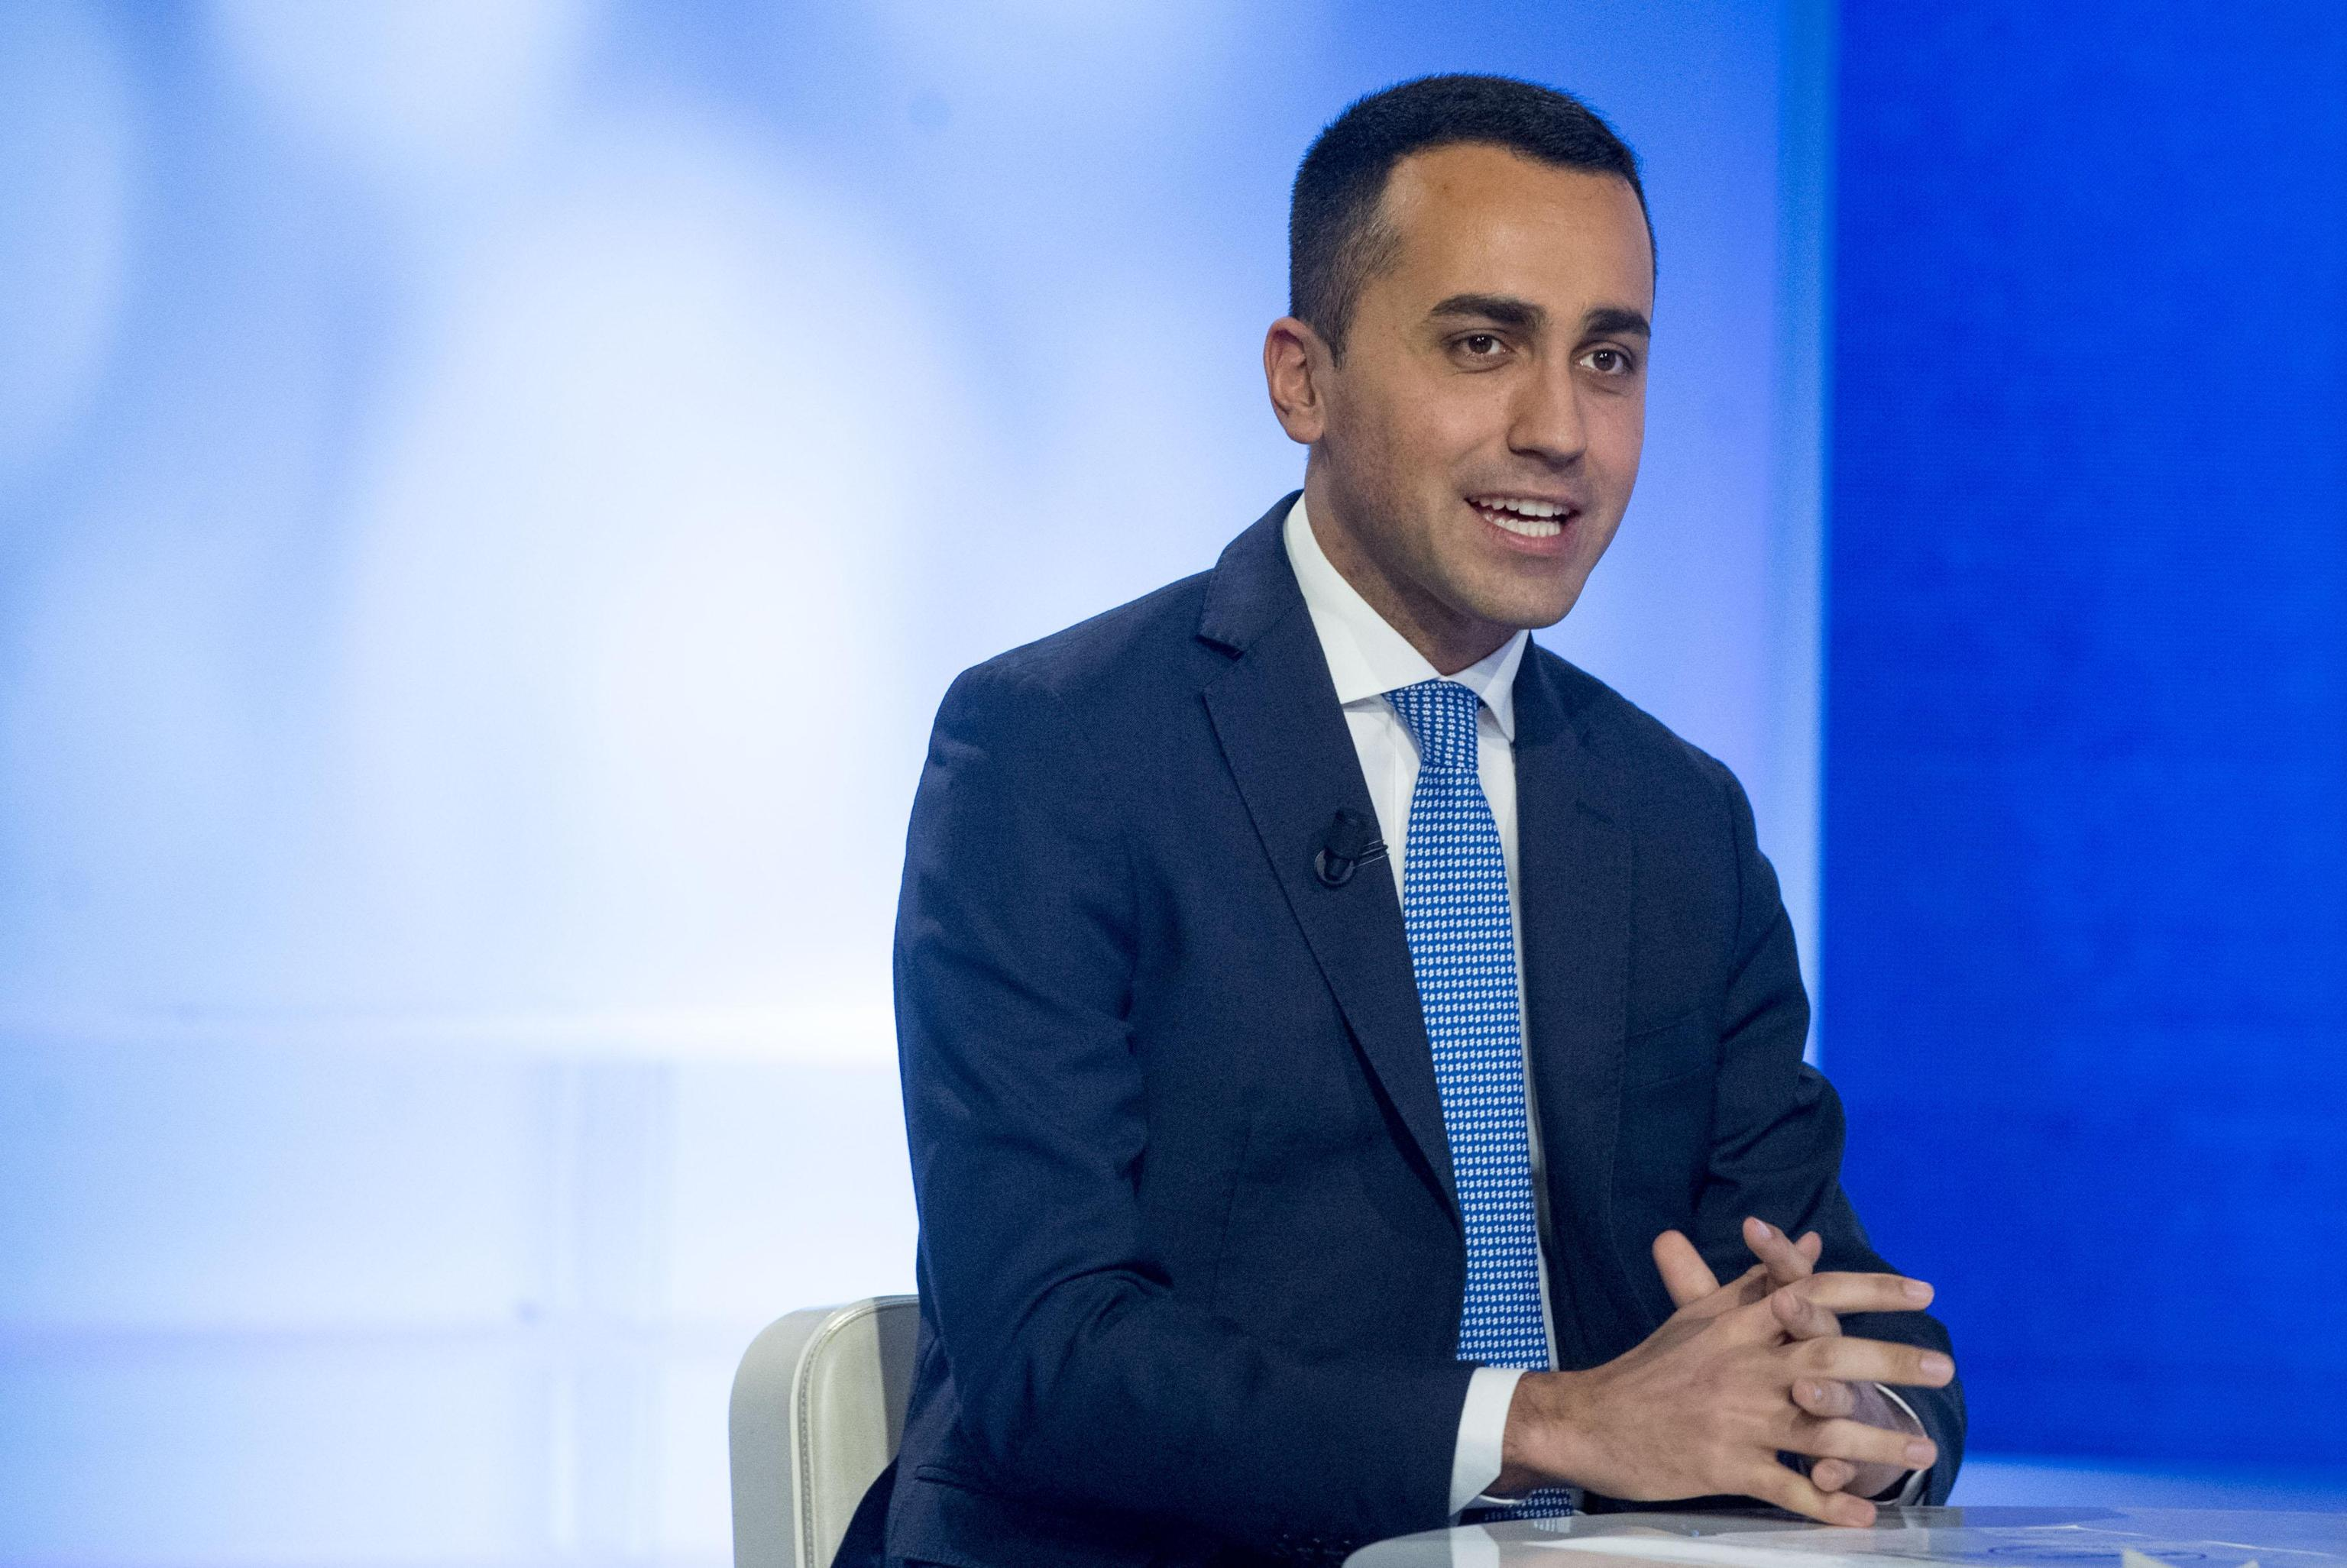 Elezioni: Di Maio, Berlusconi truffatore politico